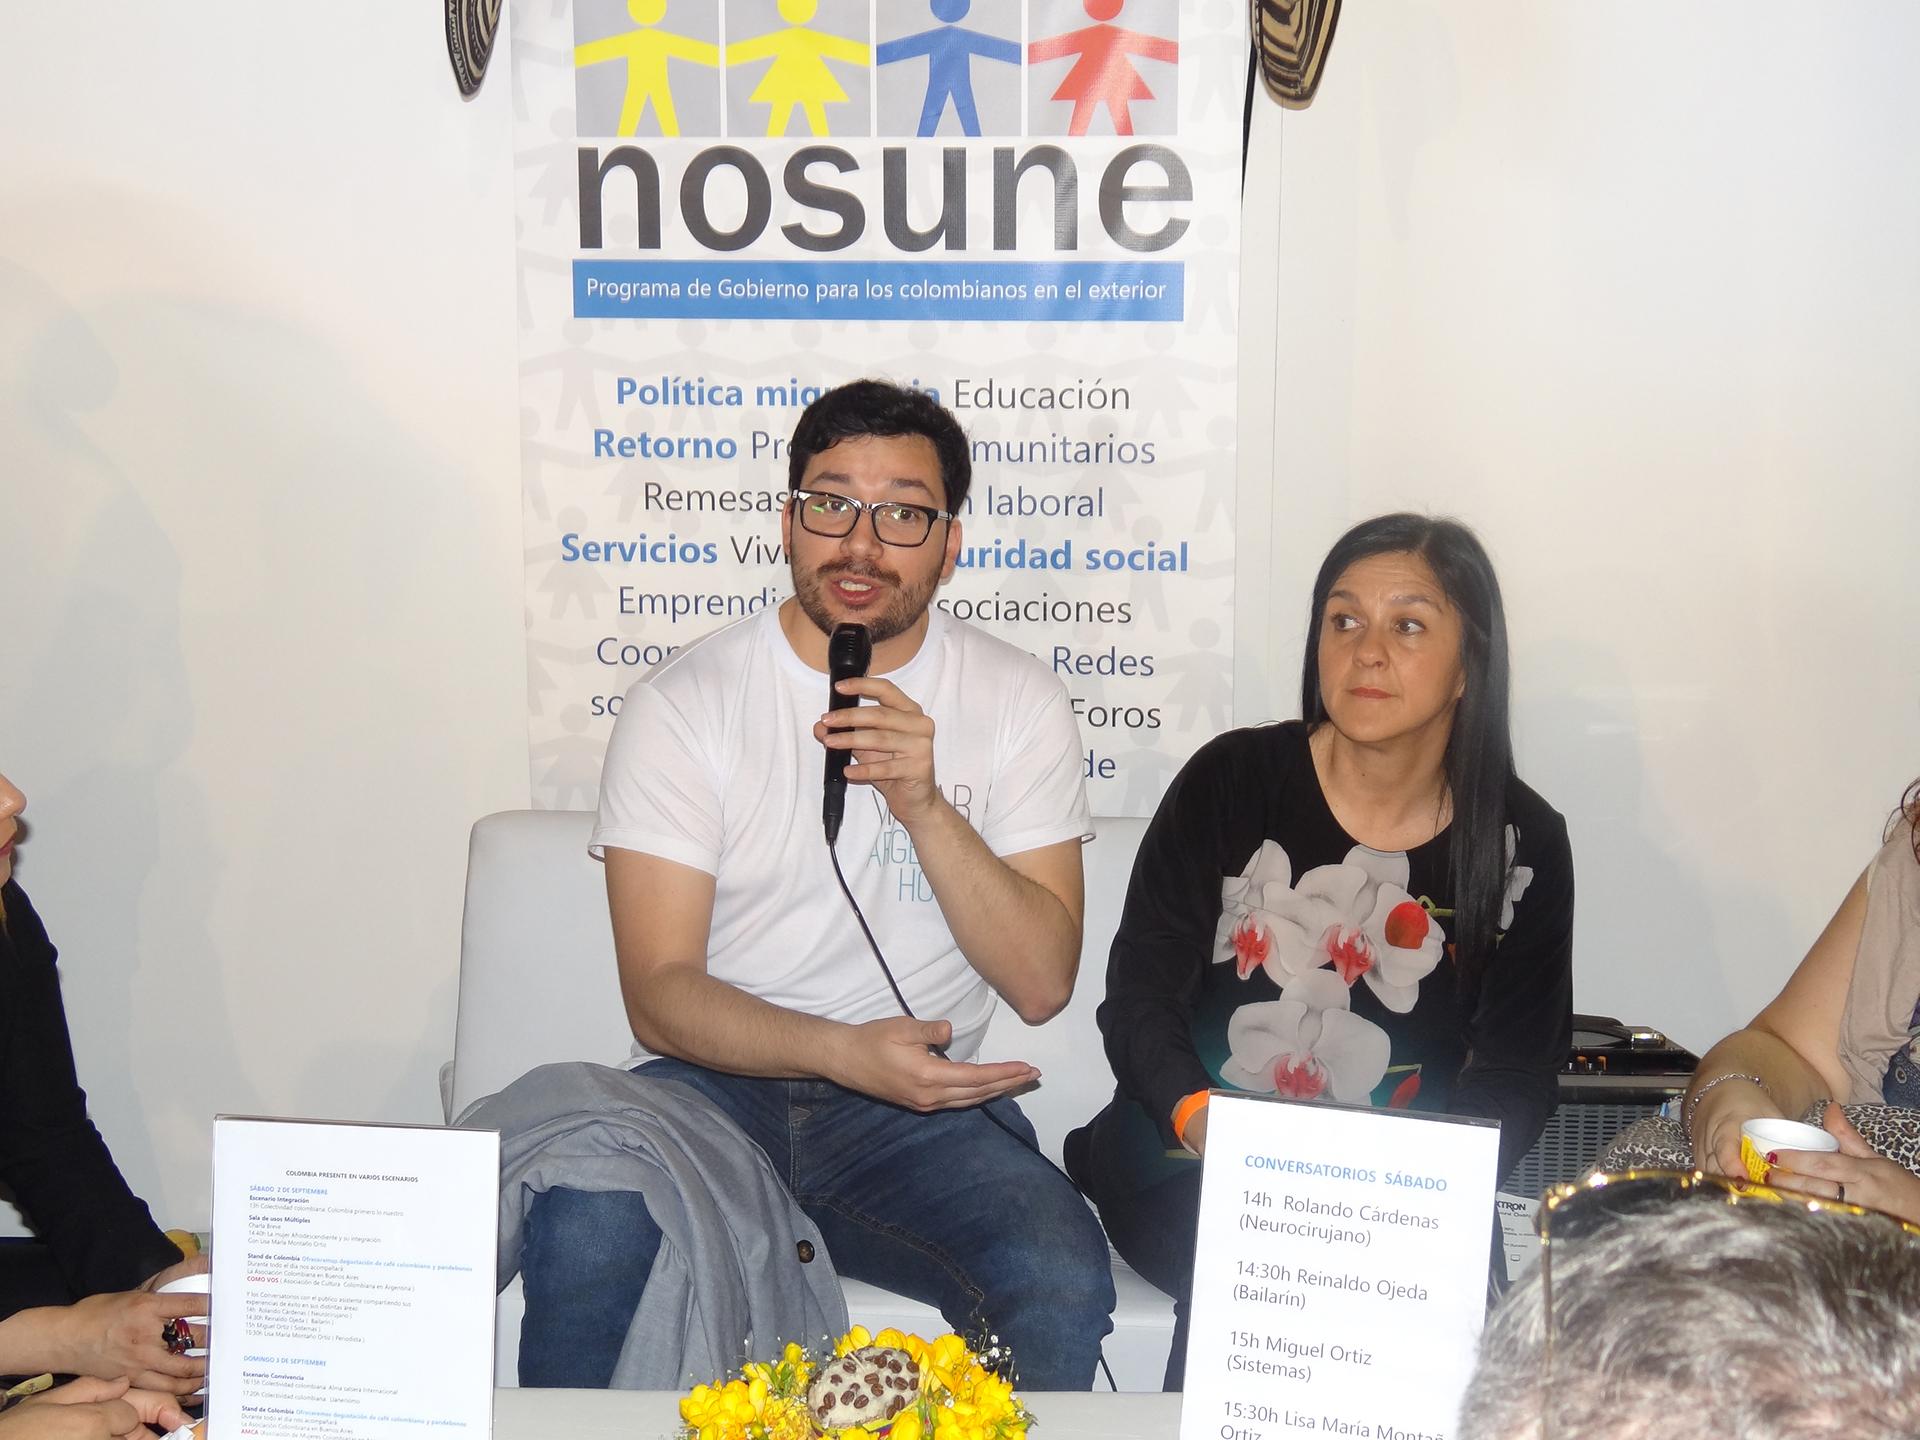 Miguel Ortiz es experto en sistemas y creó el sitio Viajar a Argentina Hoy, una referencia ineludible para los inmigrantes que llegan al país. Trabaja en una importante entidad financiera de Buenos Aires